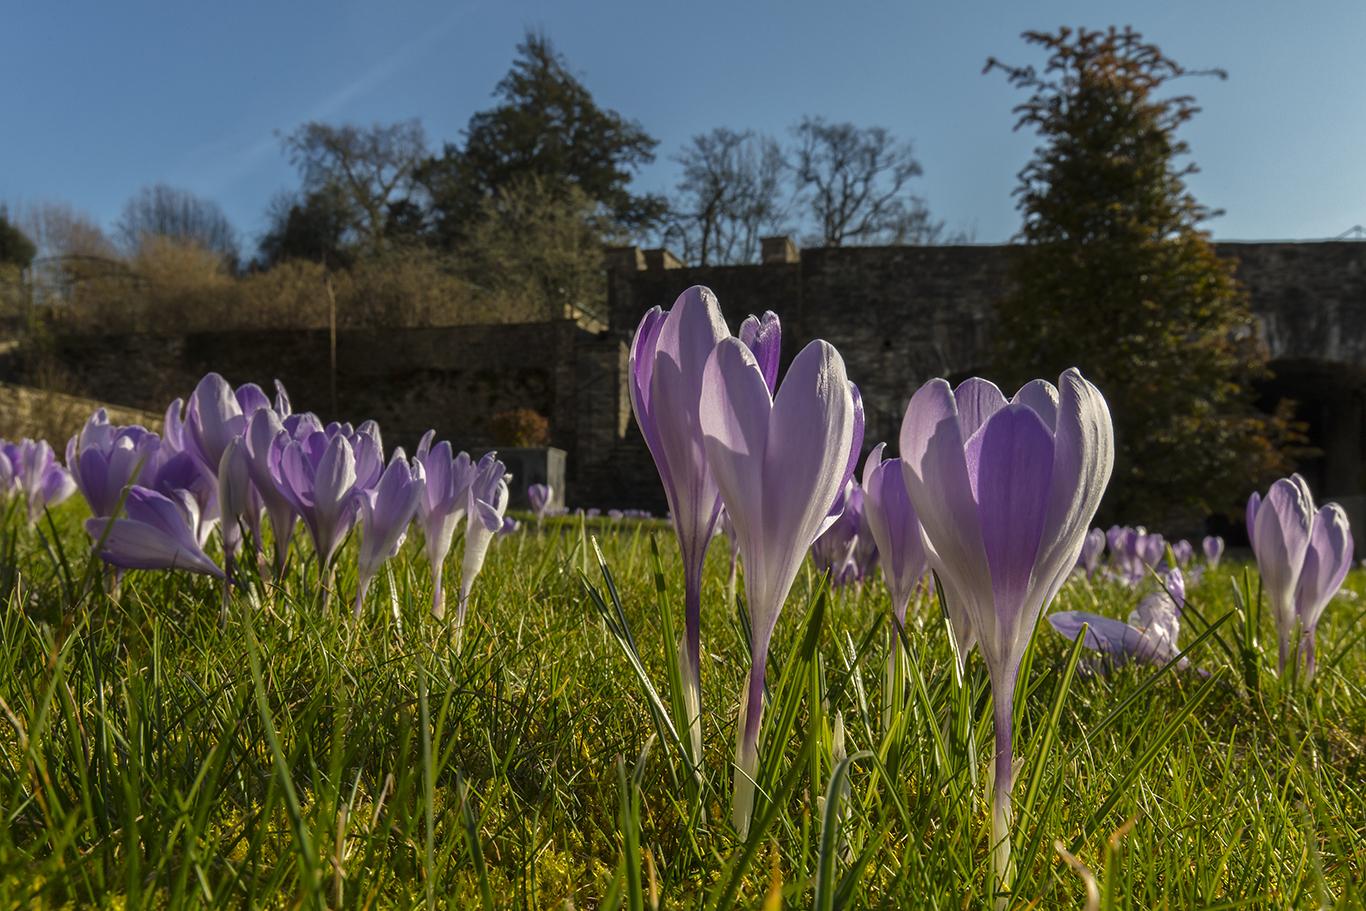 Lilac Crocus vanguard flowering in the Cloister Garden